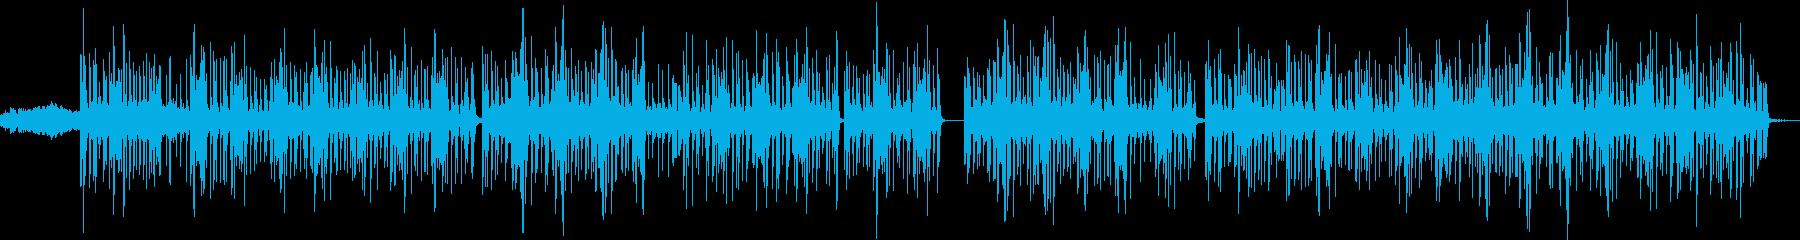 複雑な感触のヒップホップ。サスペン...の再生済みの波形